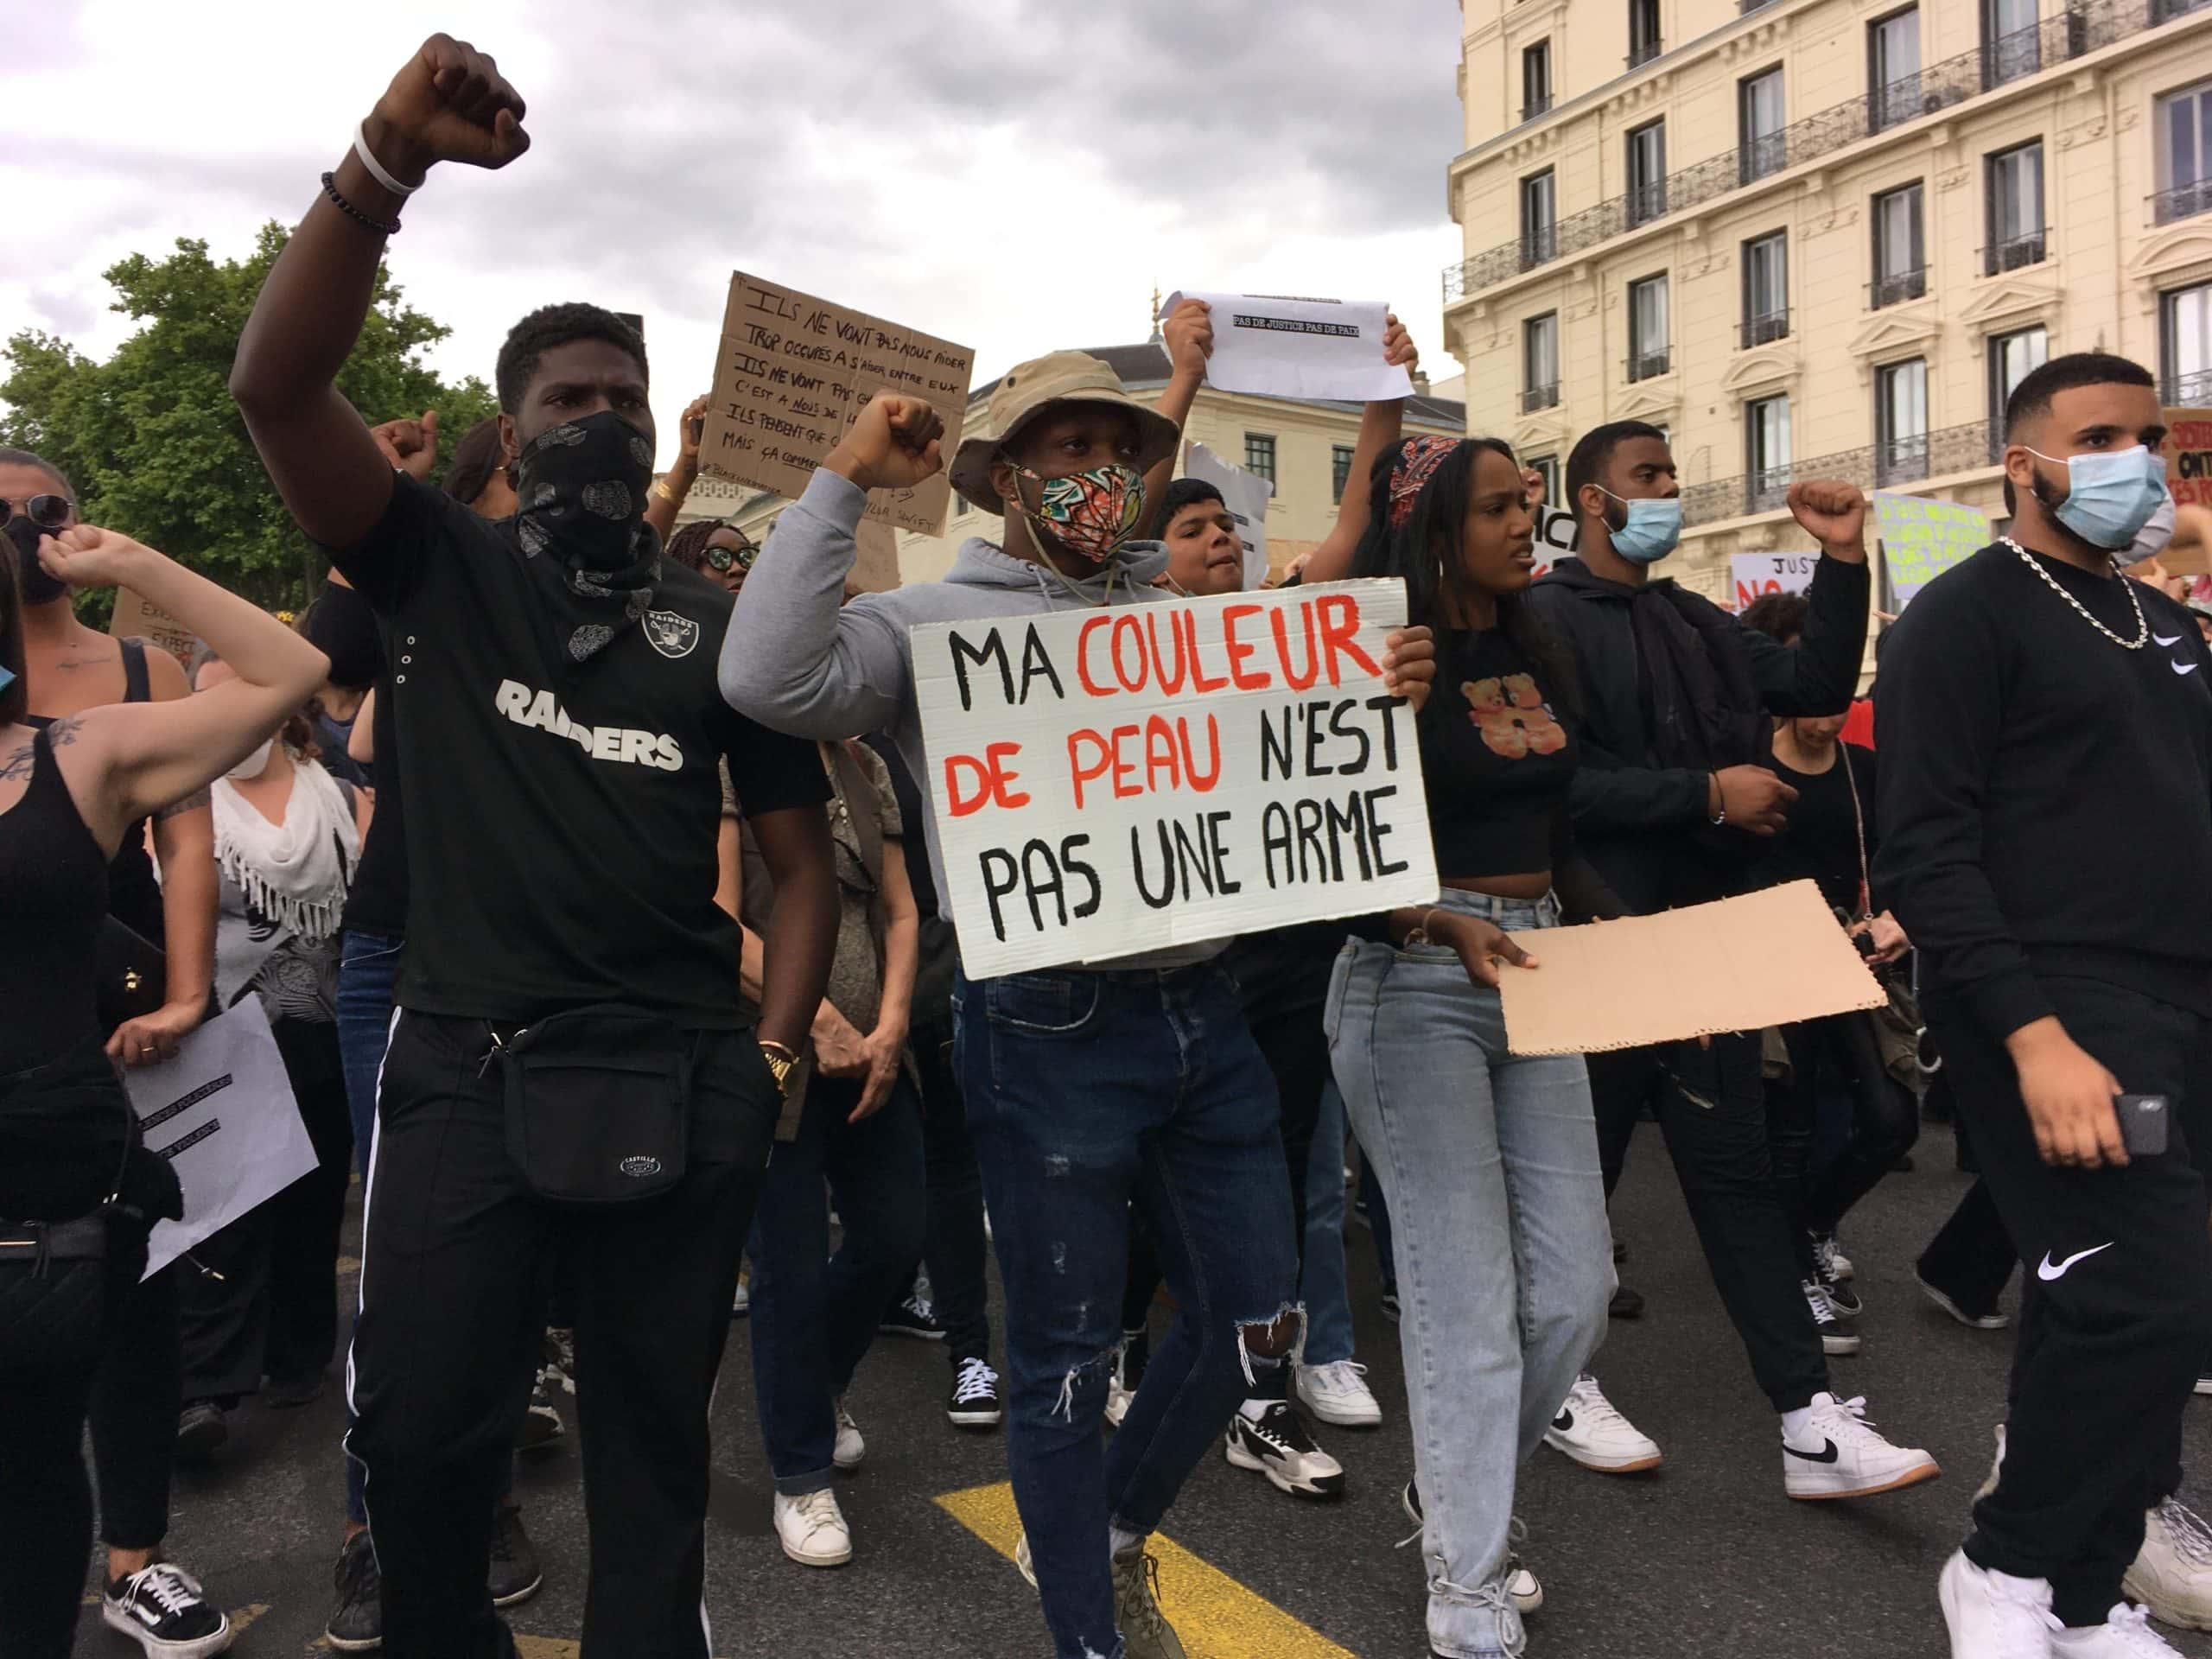 Les jeunes noirs et arabes très présents dans la marche du samedi 6 juin à Lyon contre les violences policières et le racisme. ©AB/Rue89Lyon